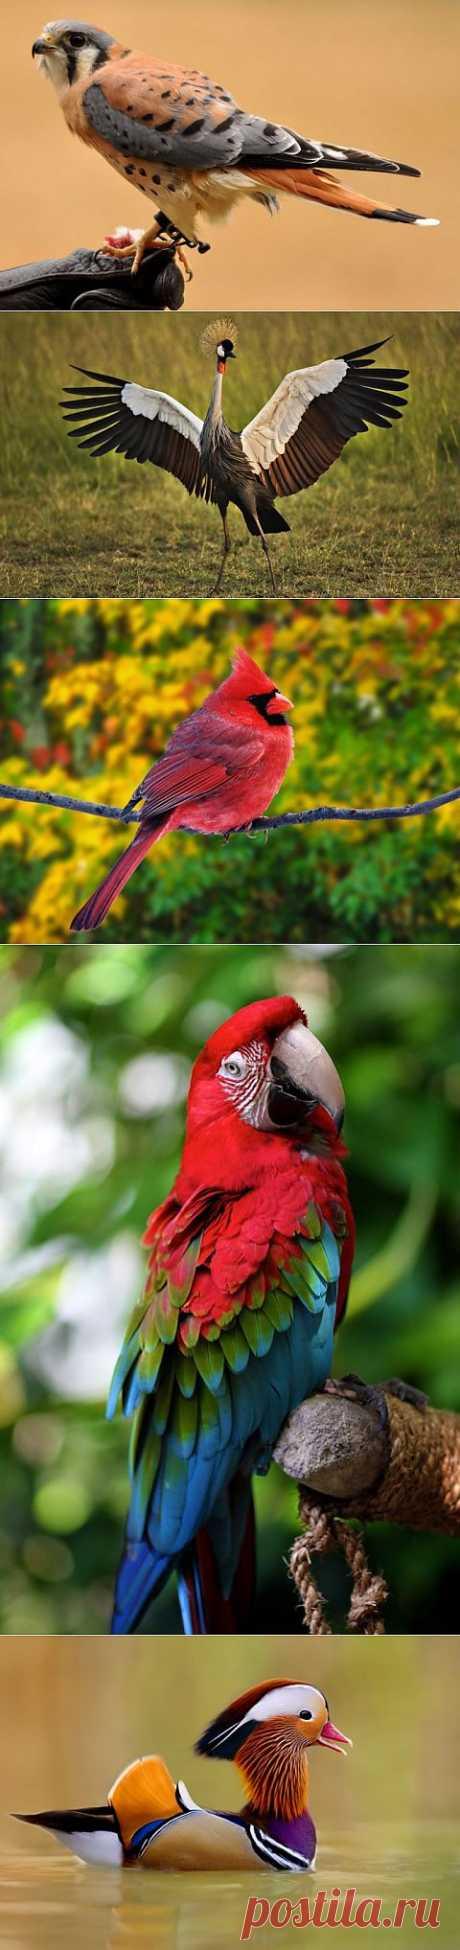 (+1) тема - 10 самых красивых птиц в мире | Наука и техника